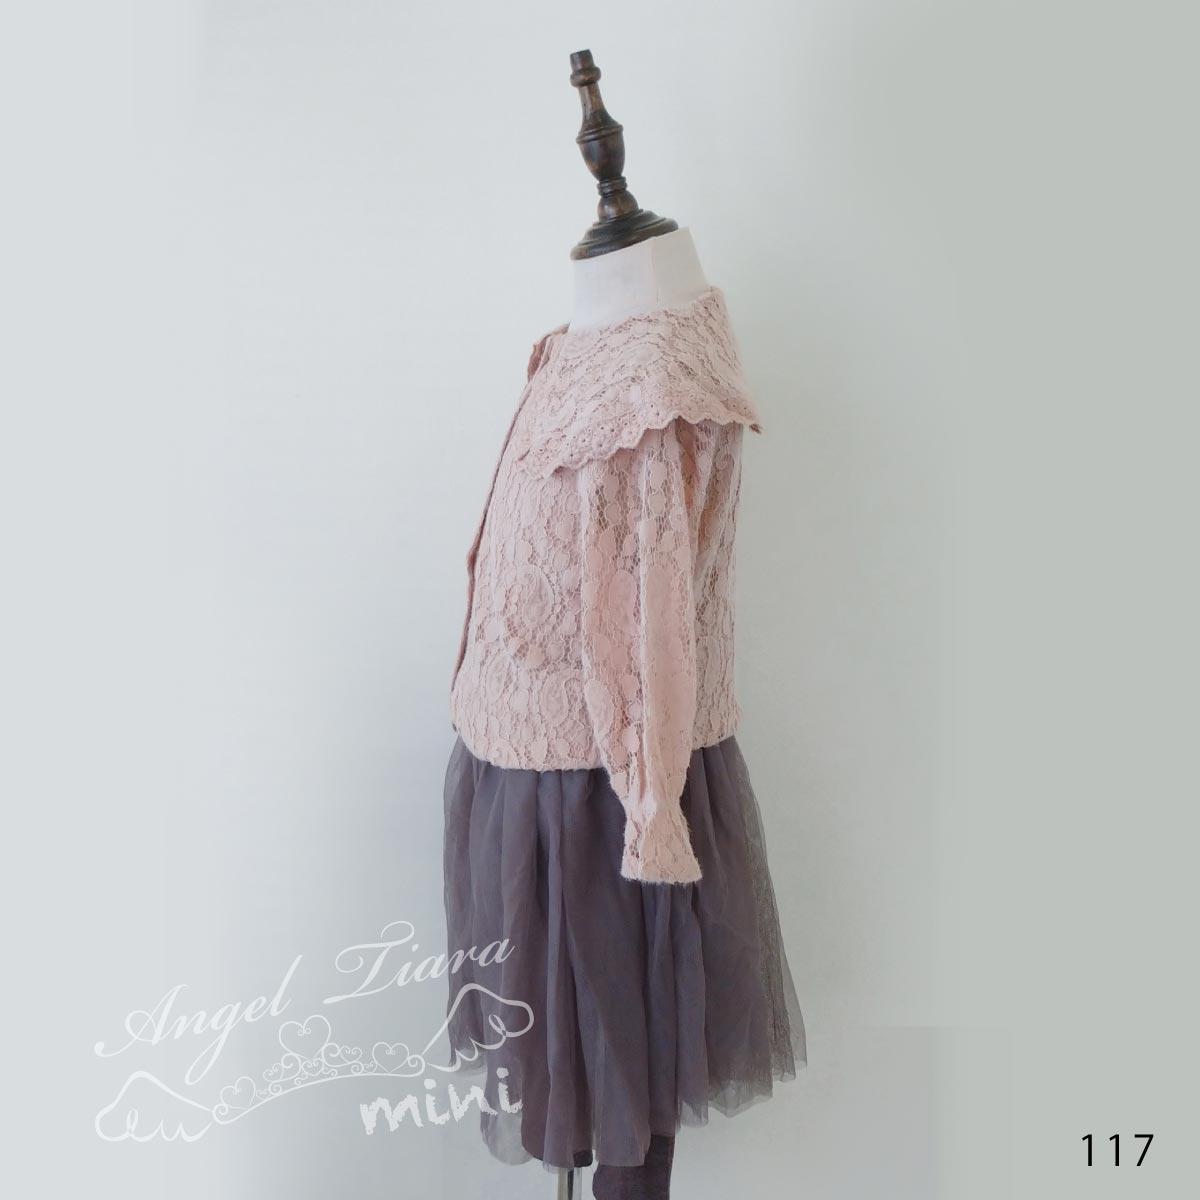 子供服 キッズ 女の子 トップス ブラウス 長袖 刺繍 レースブラウス ベージュ ブルー 可愛い KG117